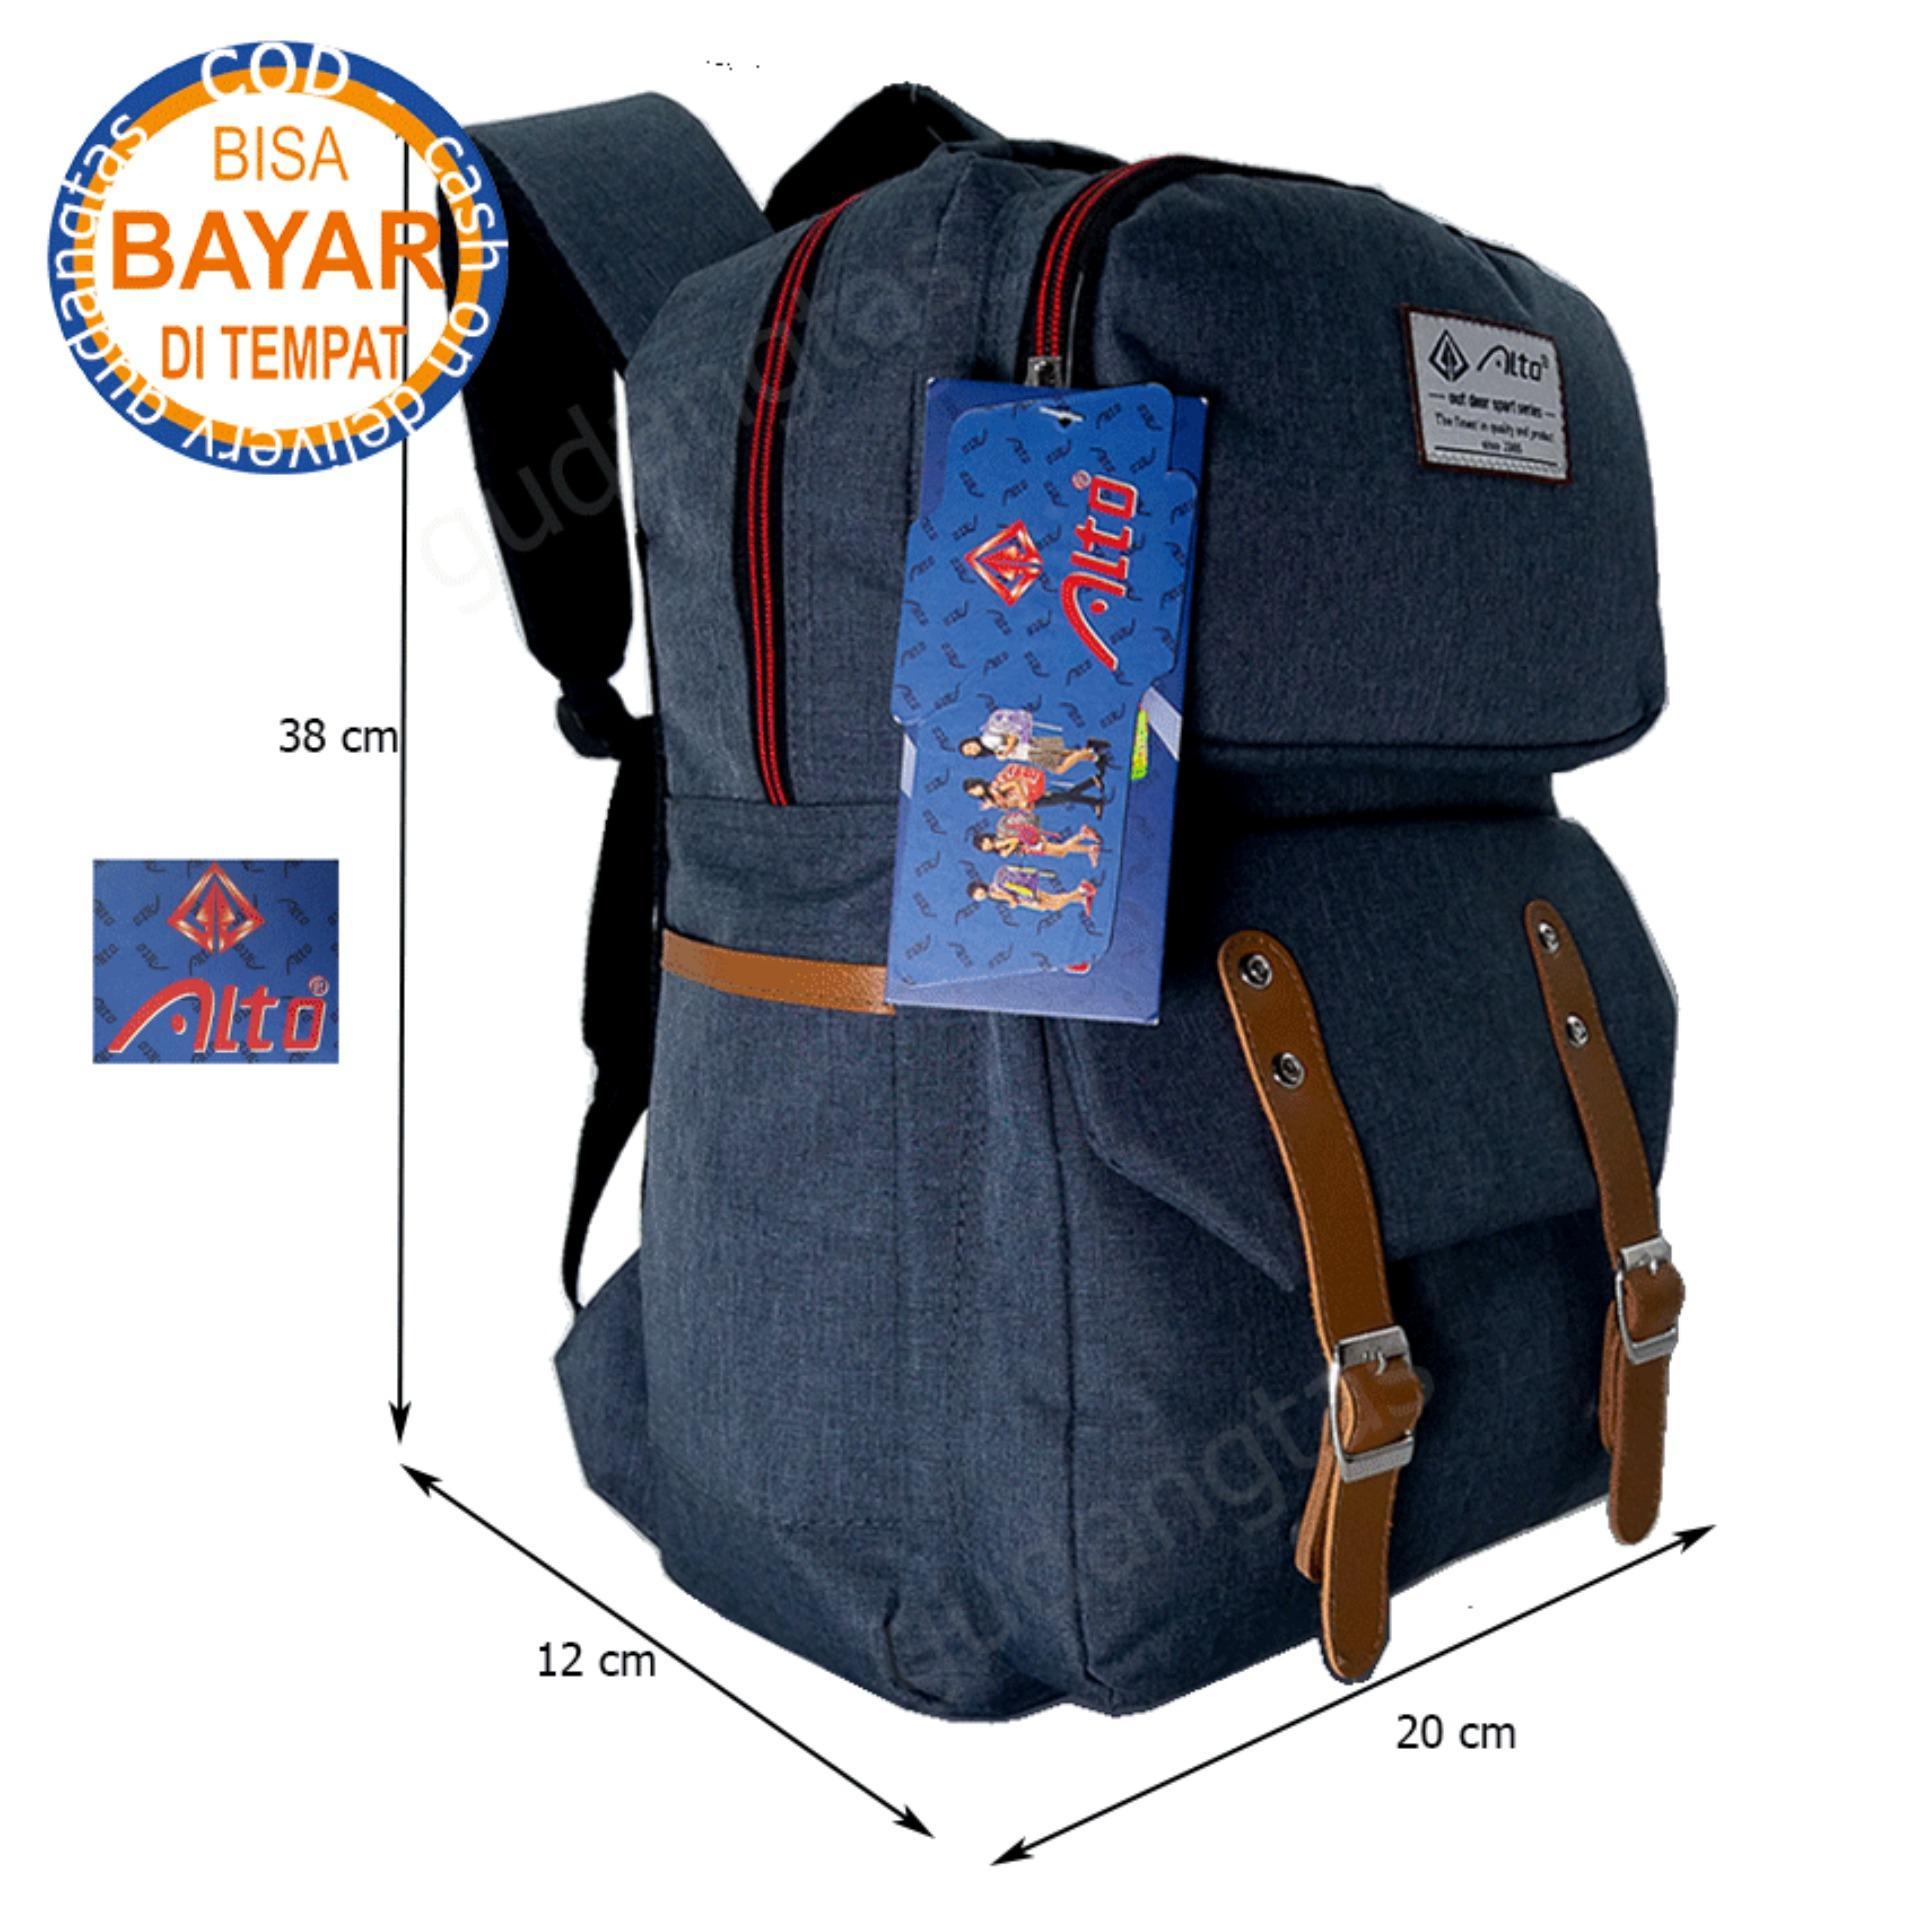 Fitur Tas Punggung Ransel Backpack Travelling Blue Dan Harga Terbaru Lipat Travel Santai Alto Kanvas Kuliah Korean Bag 78251